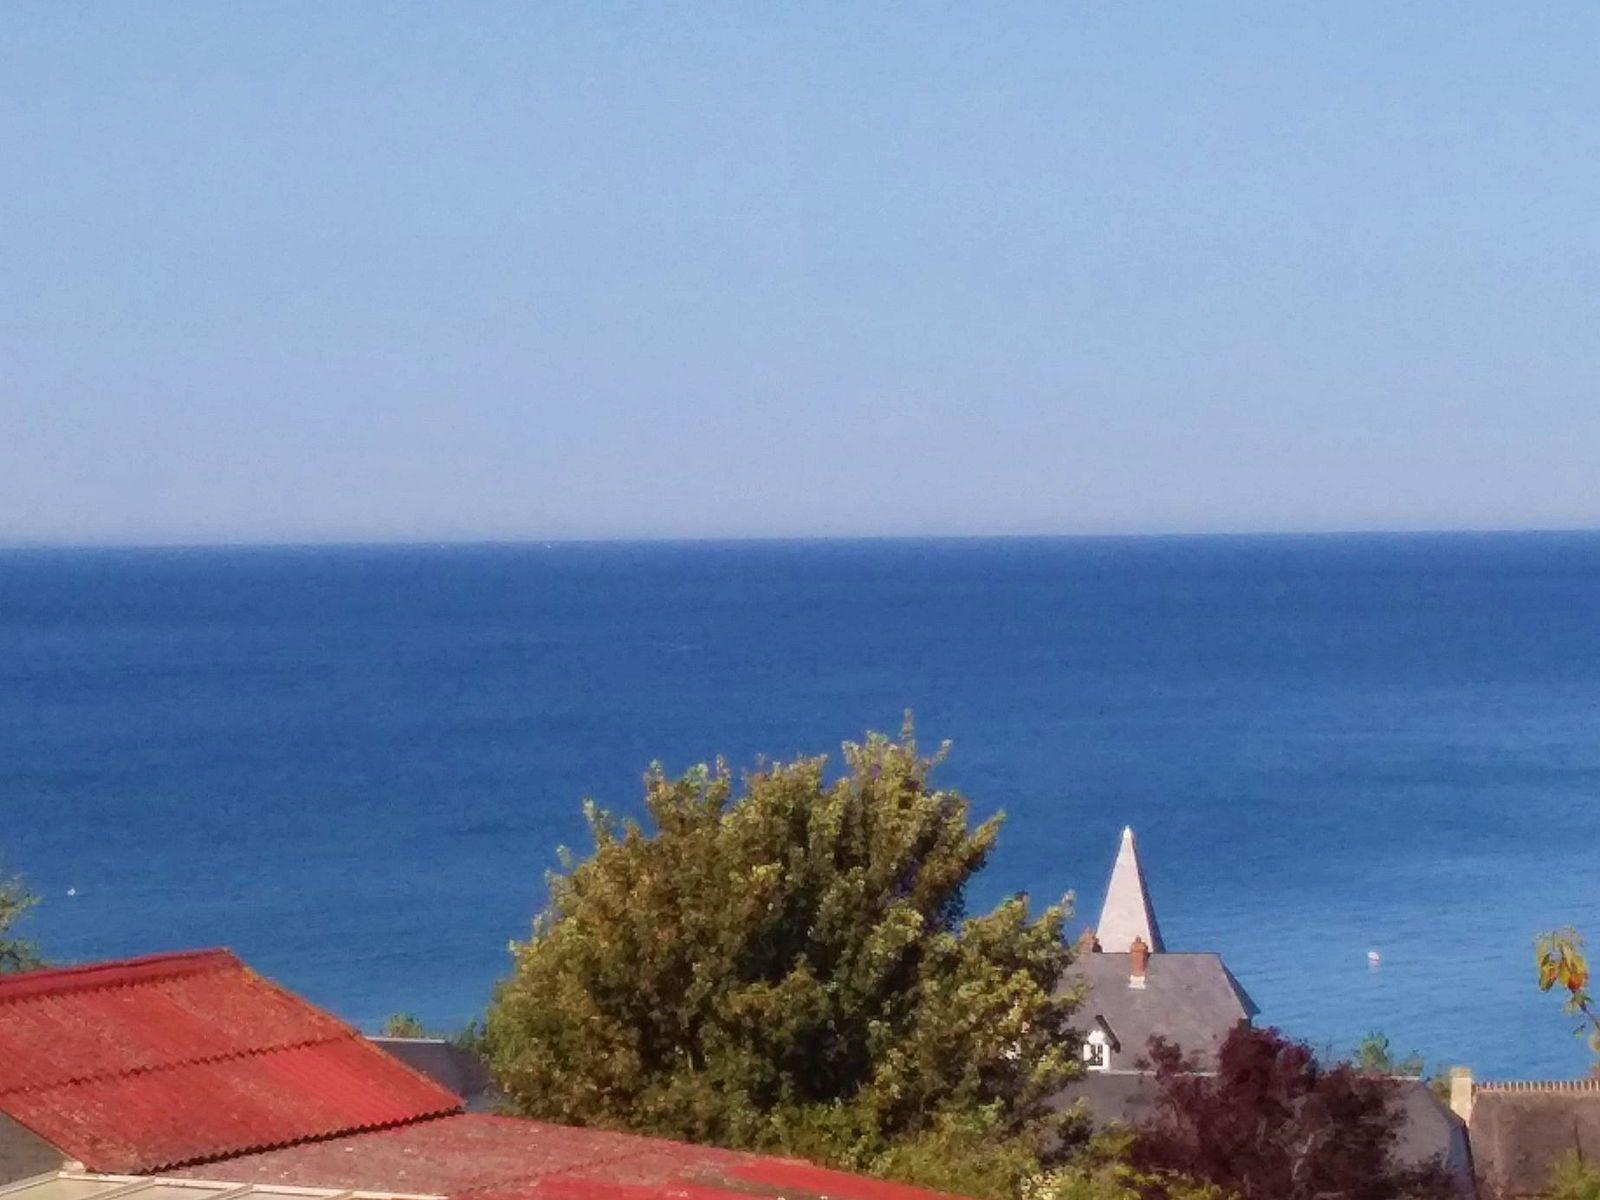 Vends appartement vue exceptionnelle - 3chambres, 122m²- Bernerville sur Mer